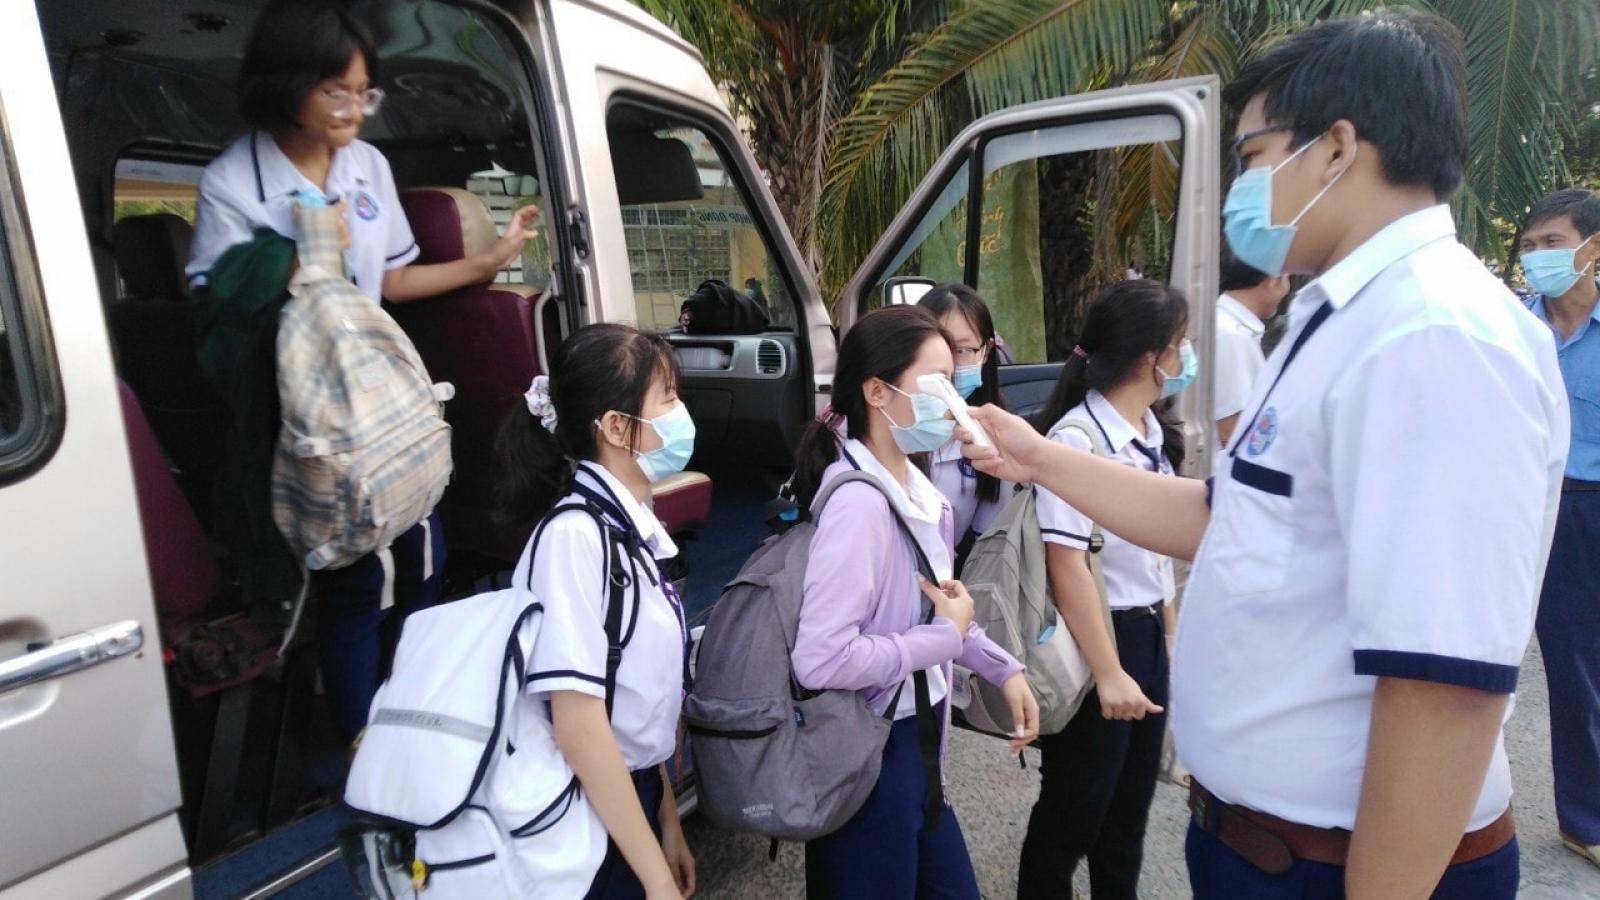 Tiền Giang sẽ xét nghiệm nhanh Covid-19 thí sinh và cán bộ coi thi tốt nghiệp THPT